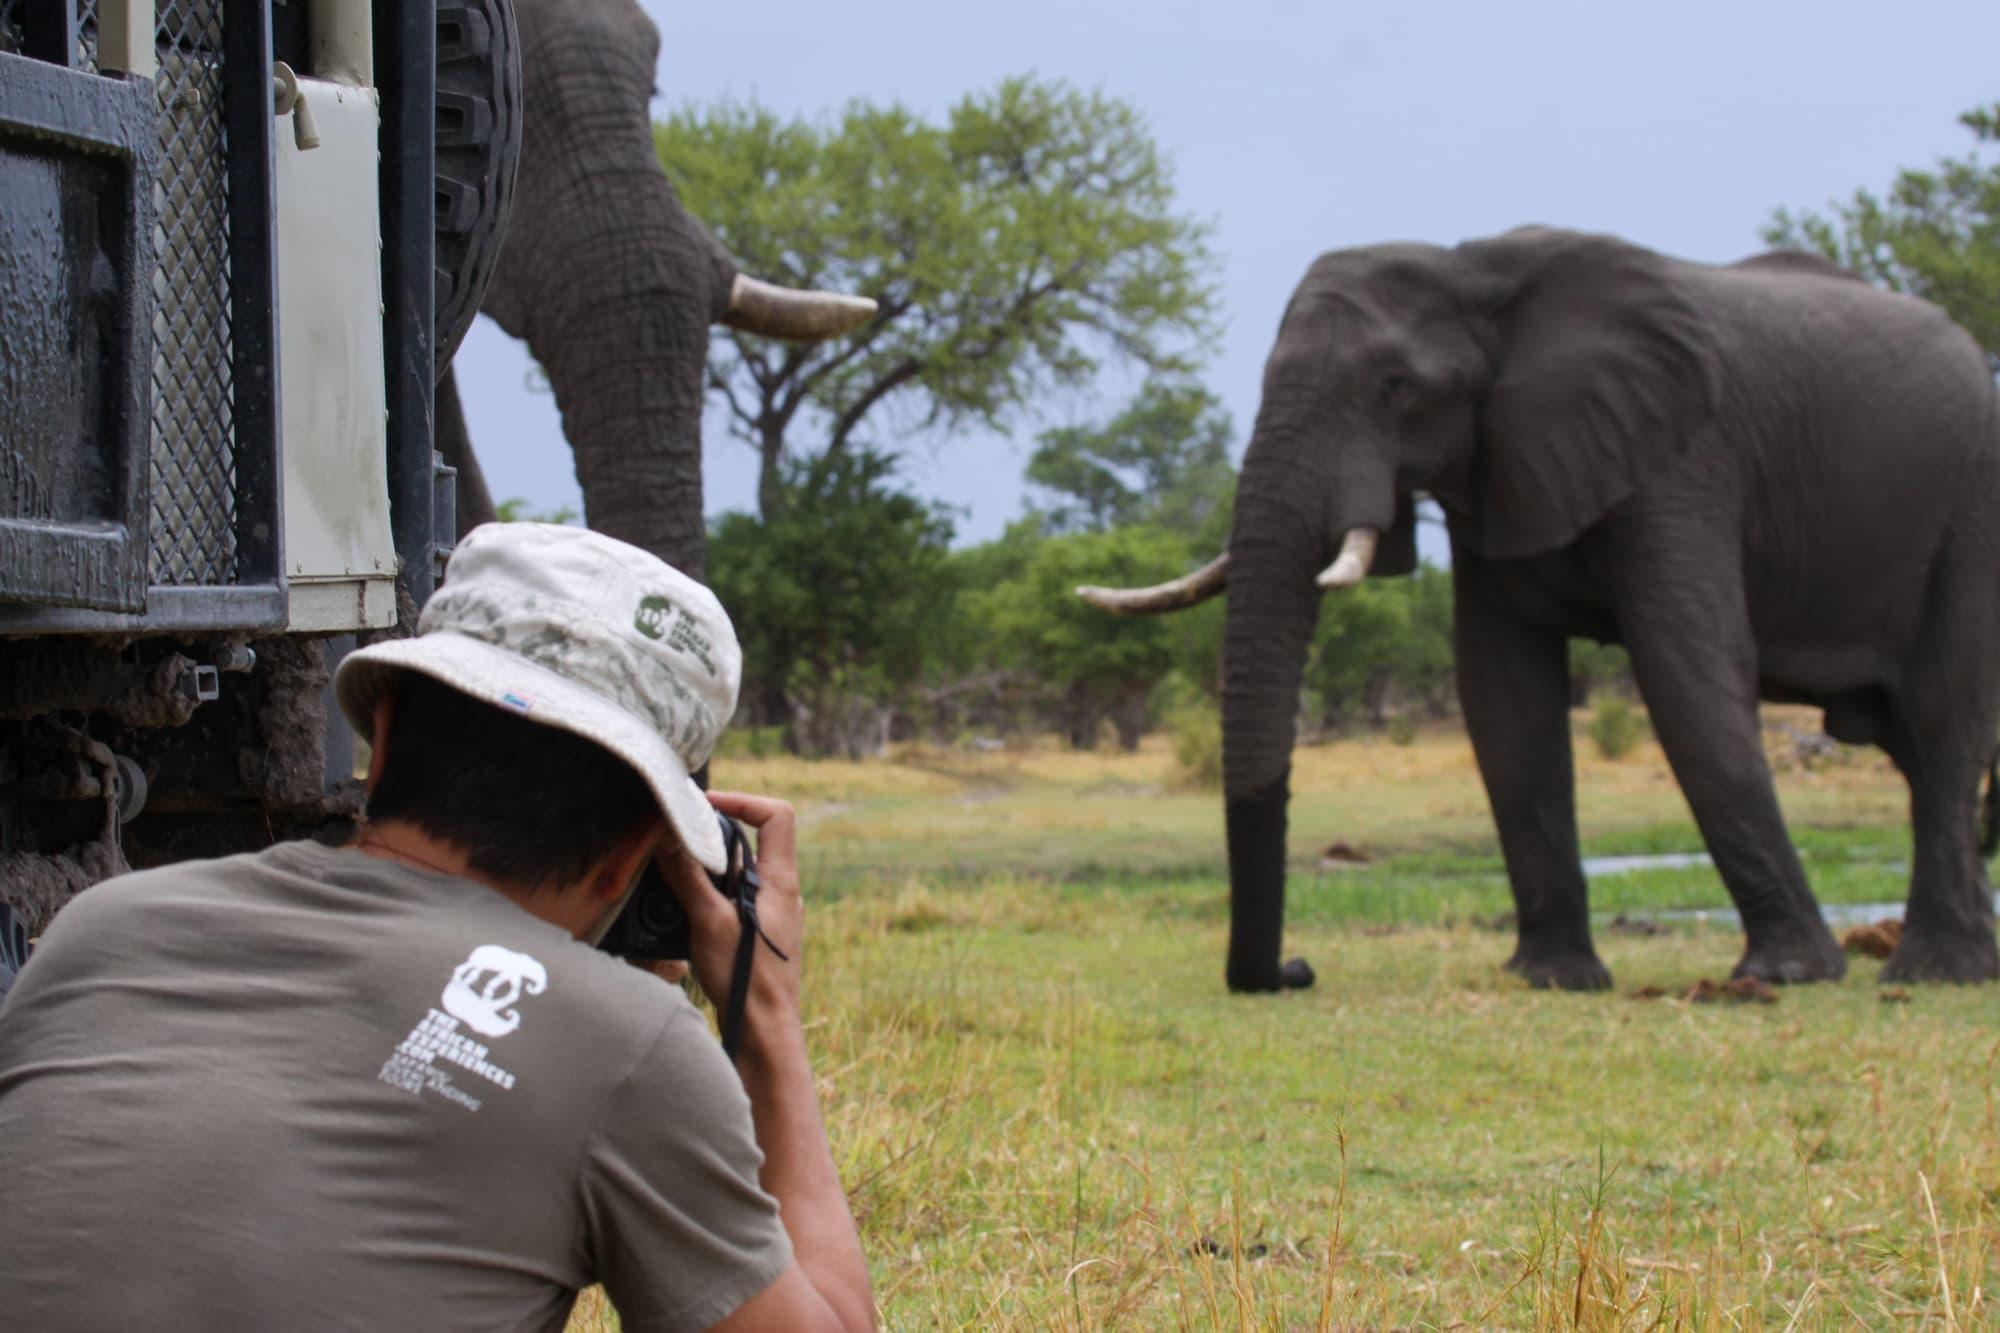 eduardo_del_alamo_wildlife_viajes_fotograficos1-3